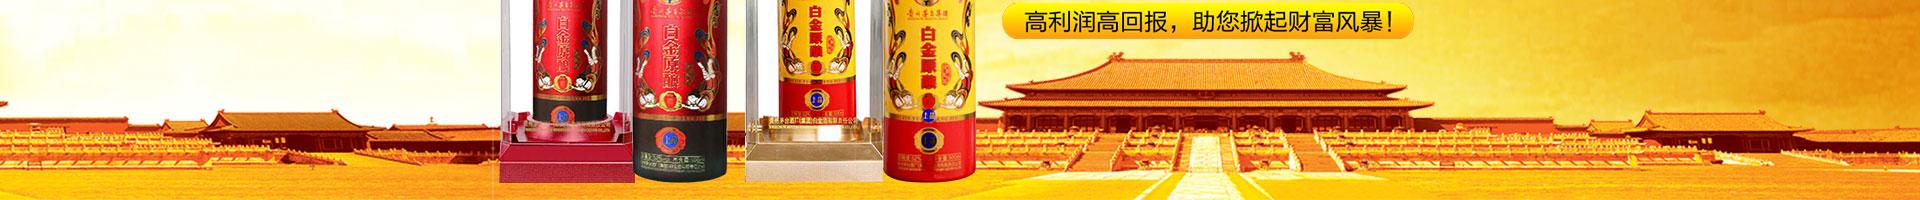 贵州茅台集团白金酒公司白金原酿酒运营总部